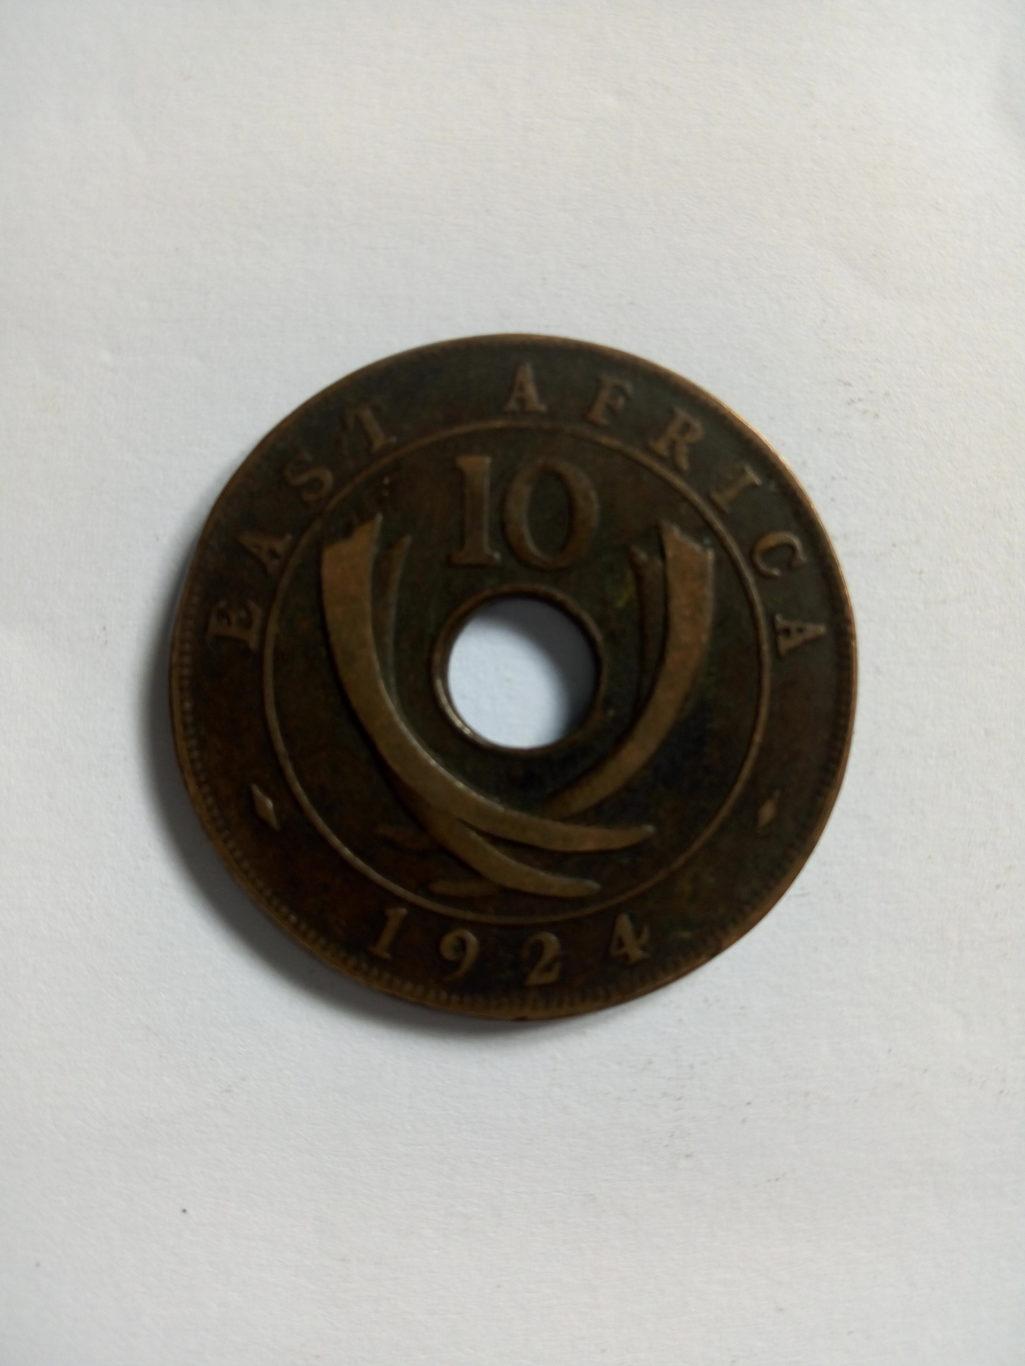 1924_georgivs rex east Africa 10 cents